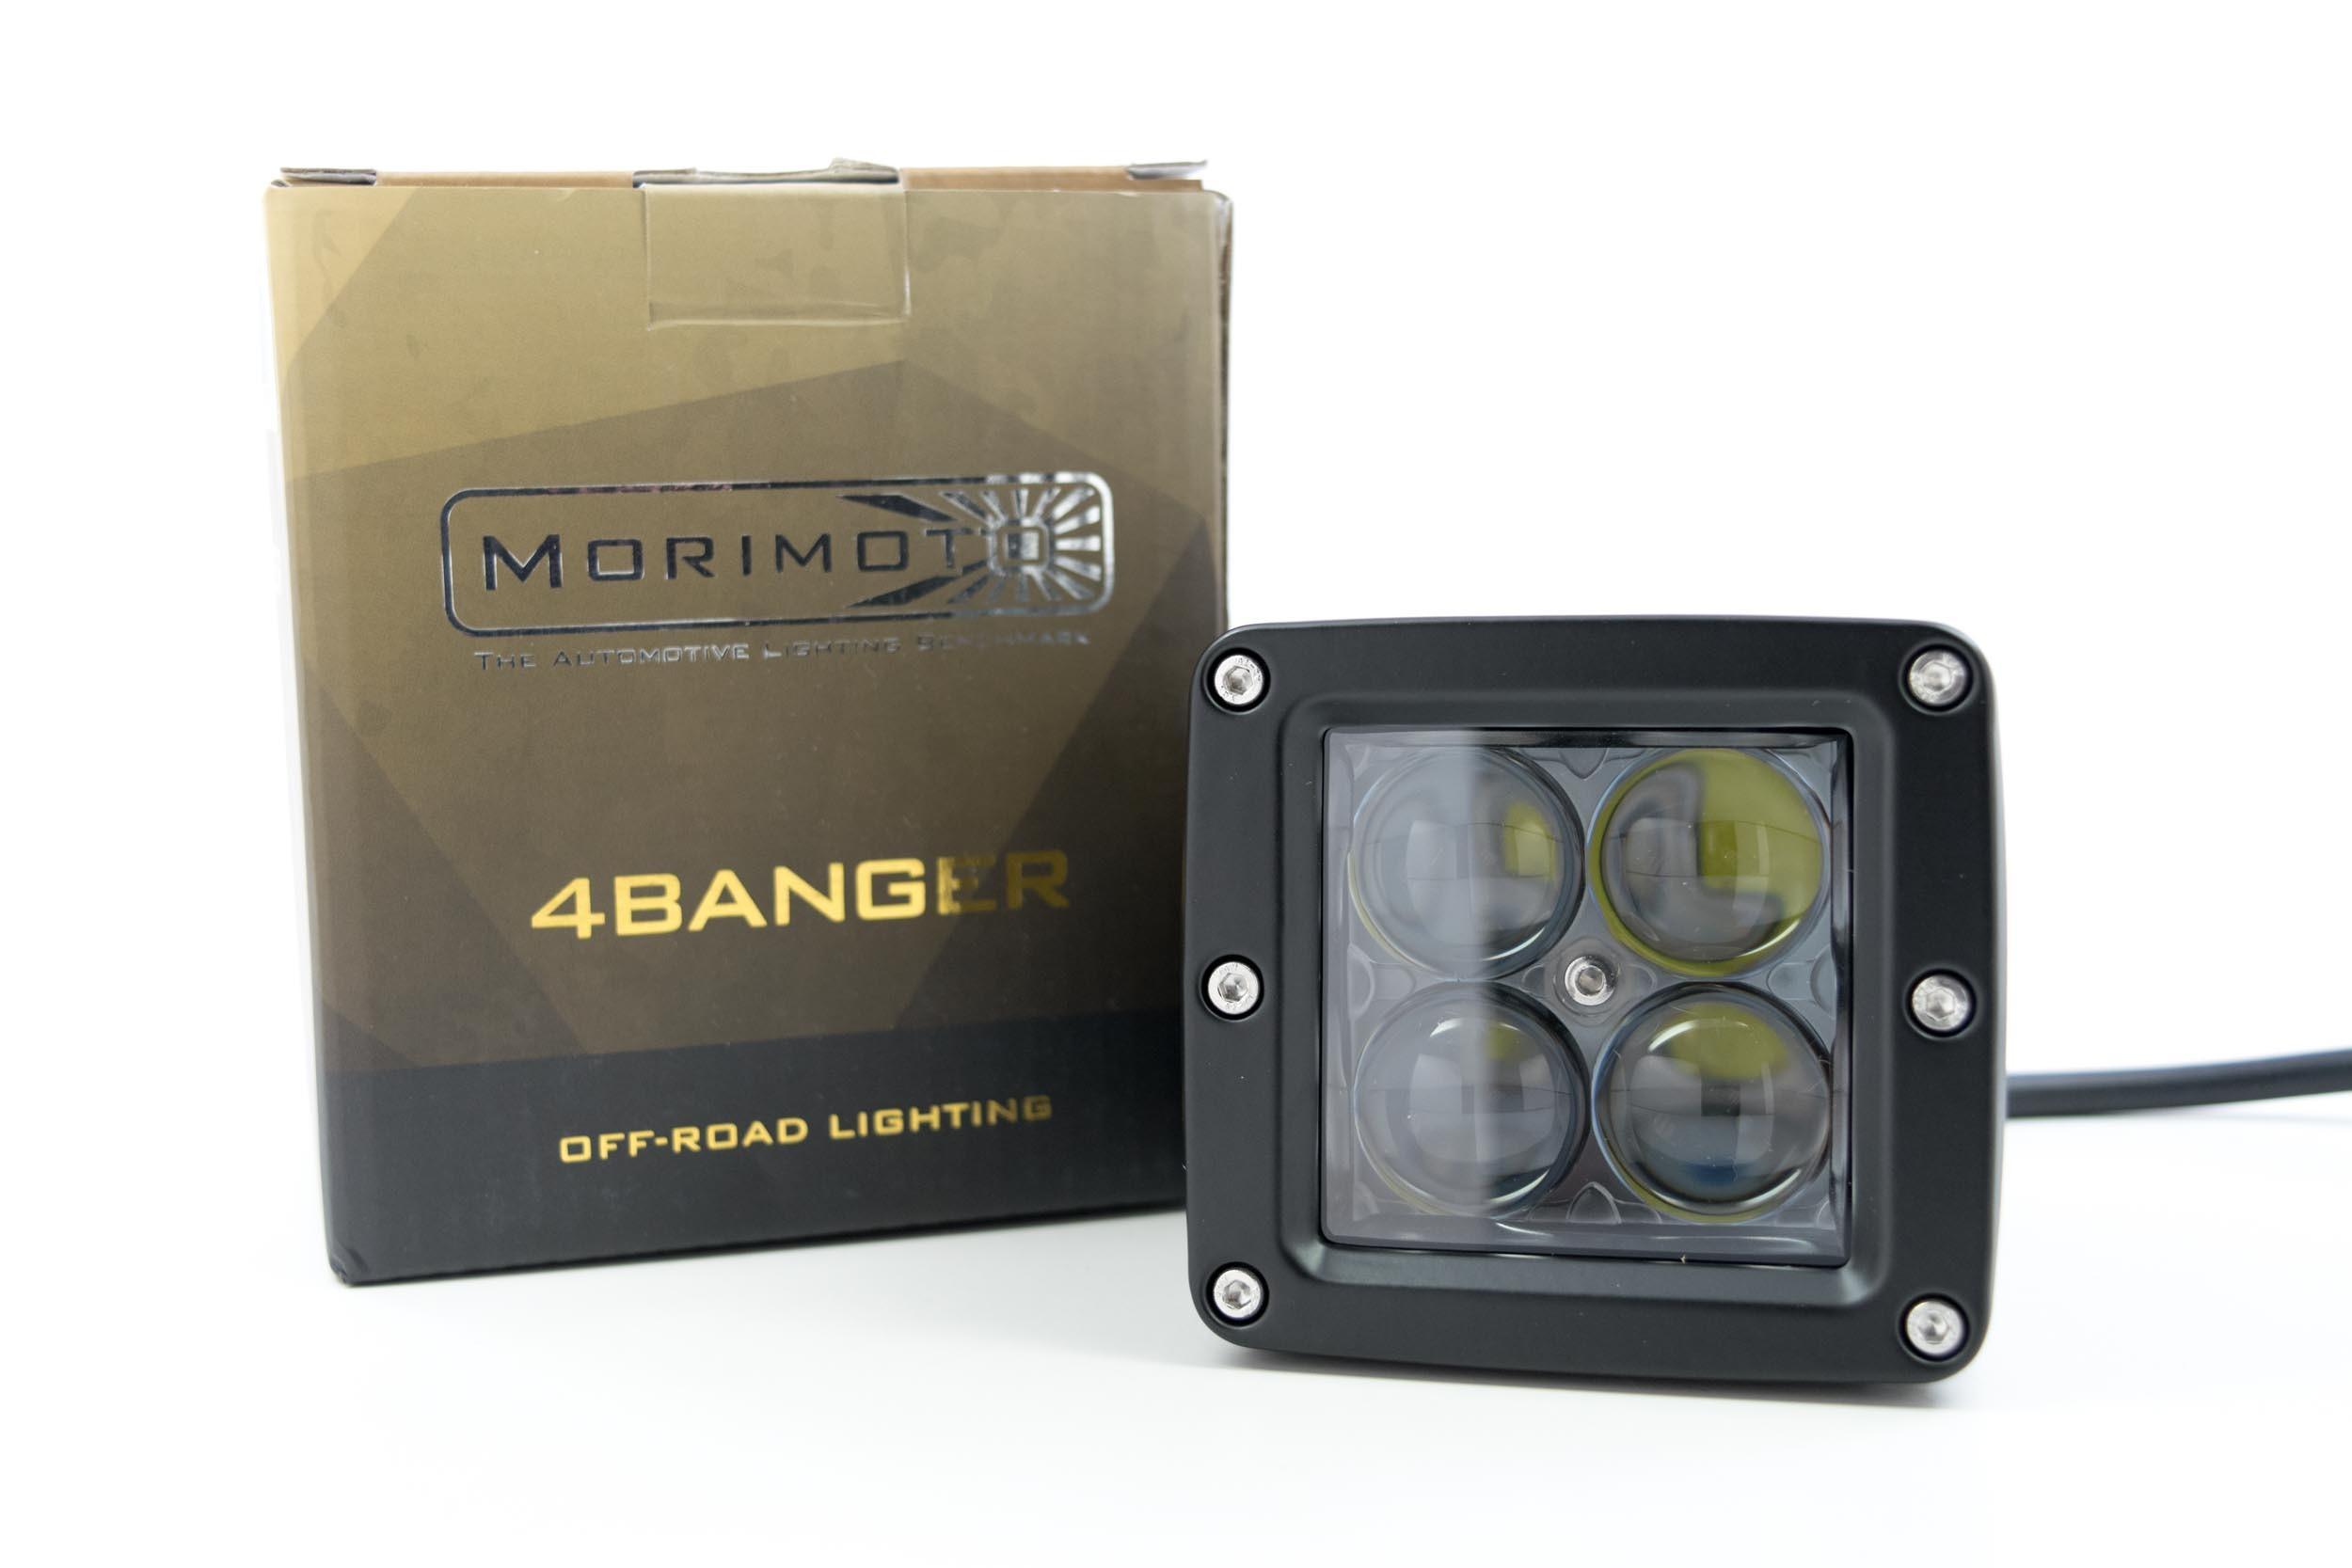 morimoto_4banger_led_spot_light_1_1_1